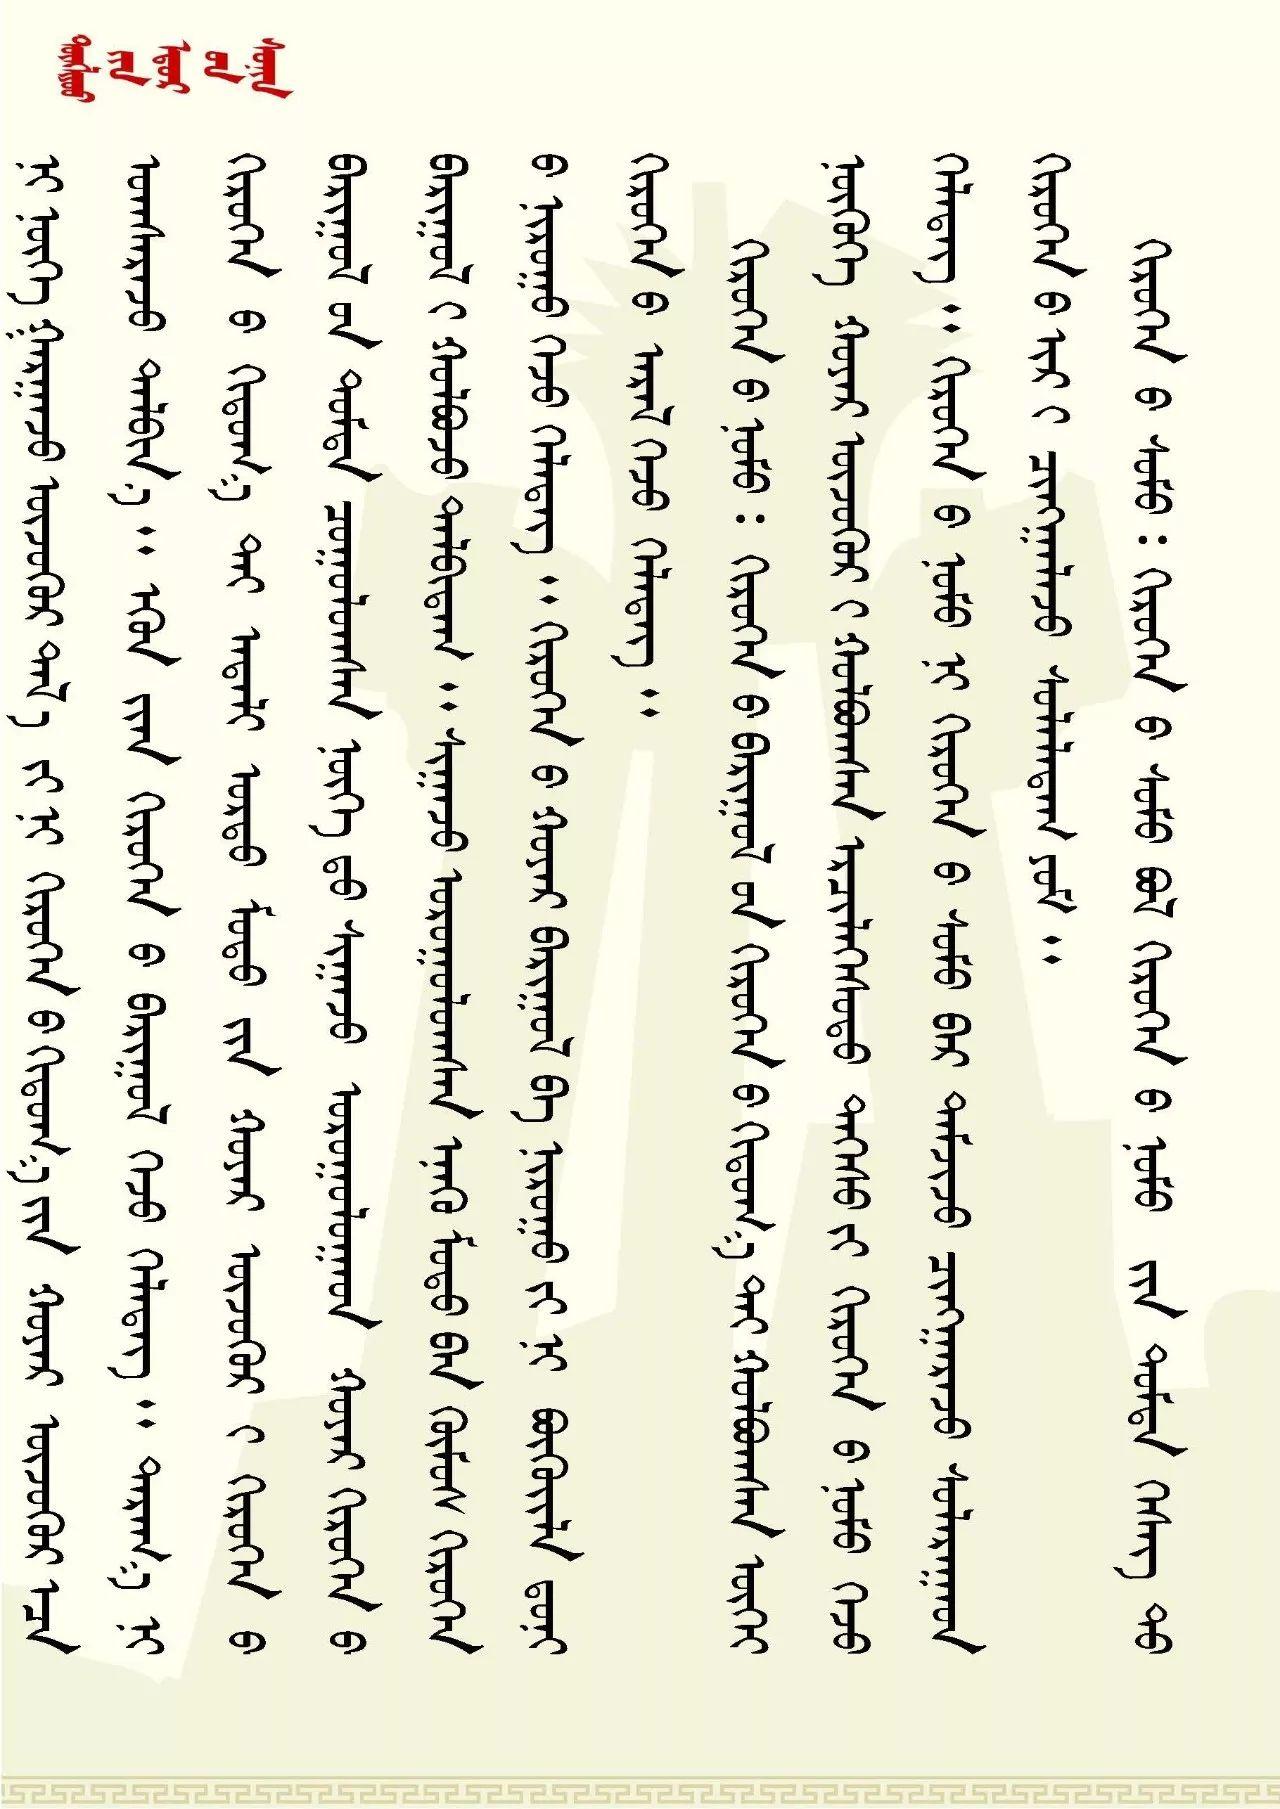 【文化】科尔沁木工文化(蒙古文) 第18张 【文化】科尔沁木工文化(蒙古文) 蒙古文化